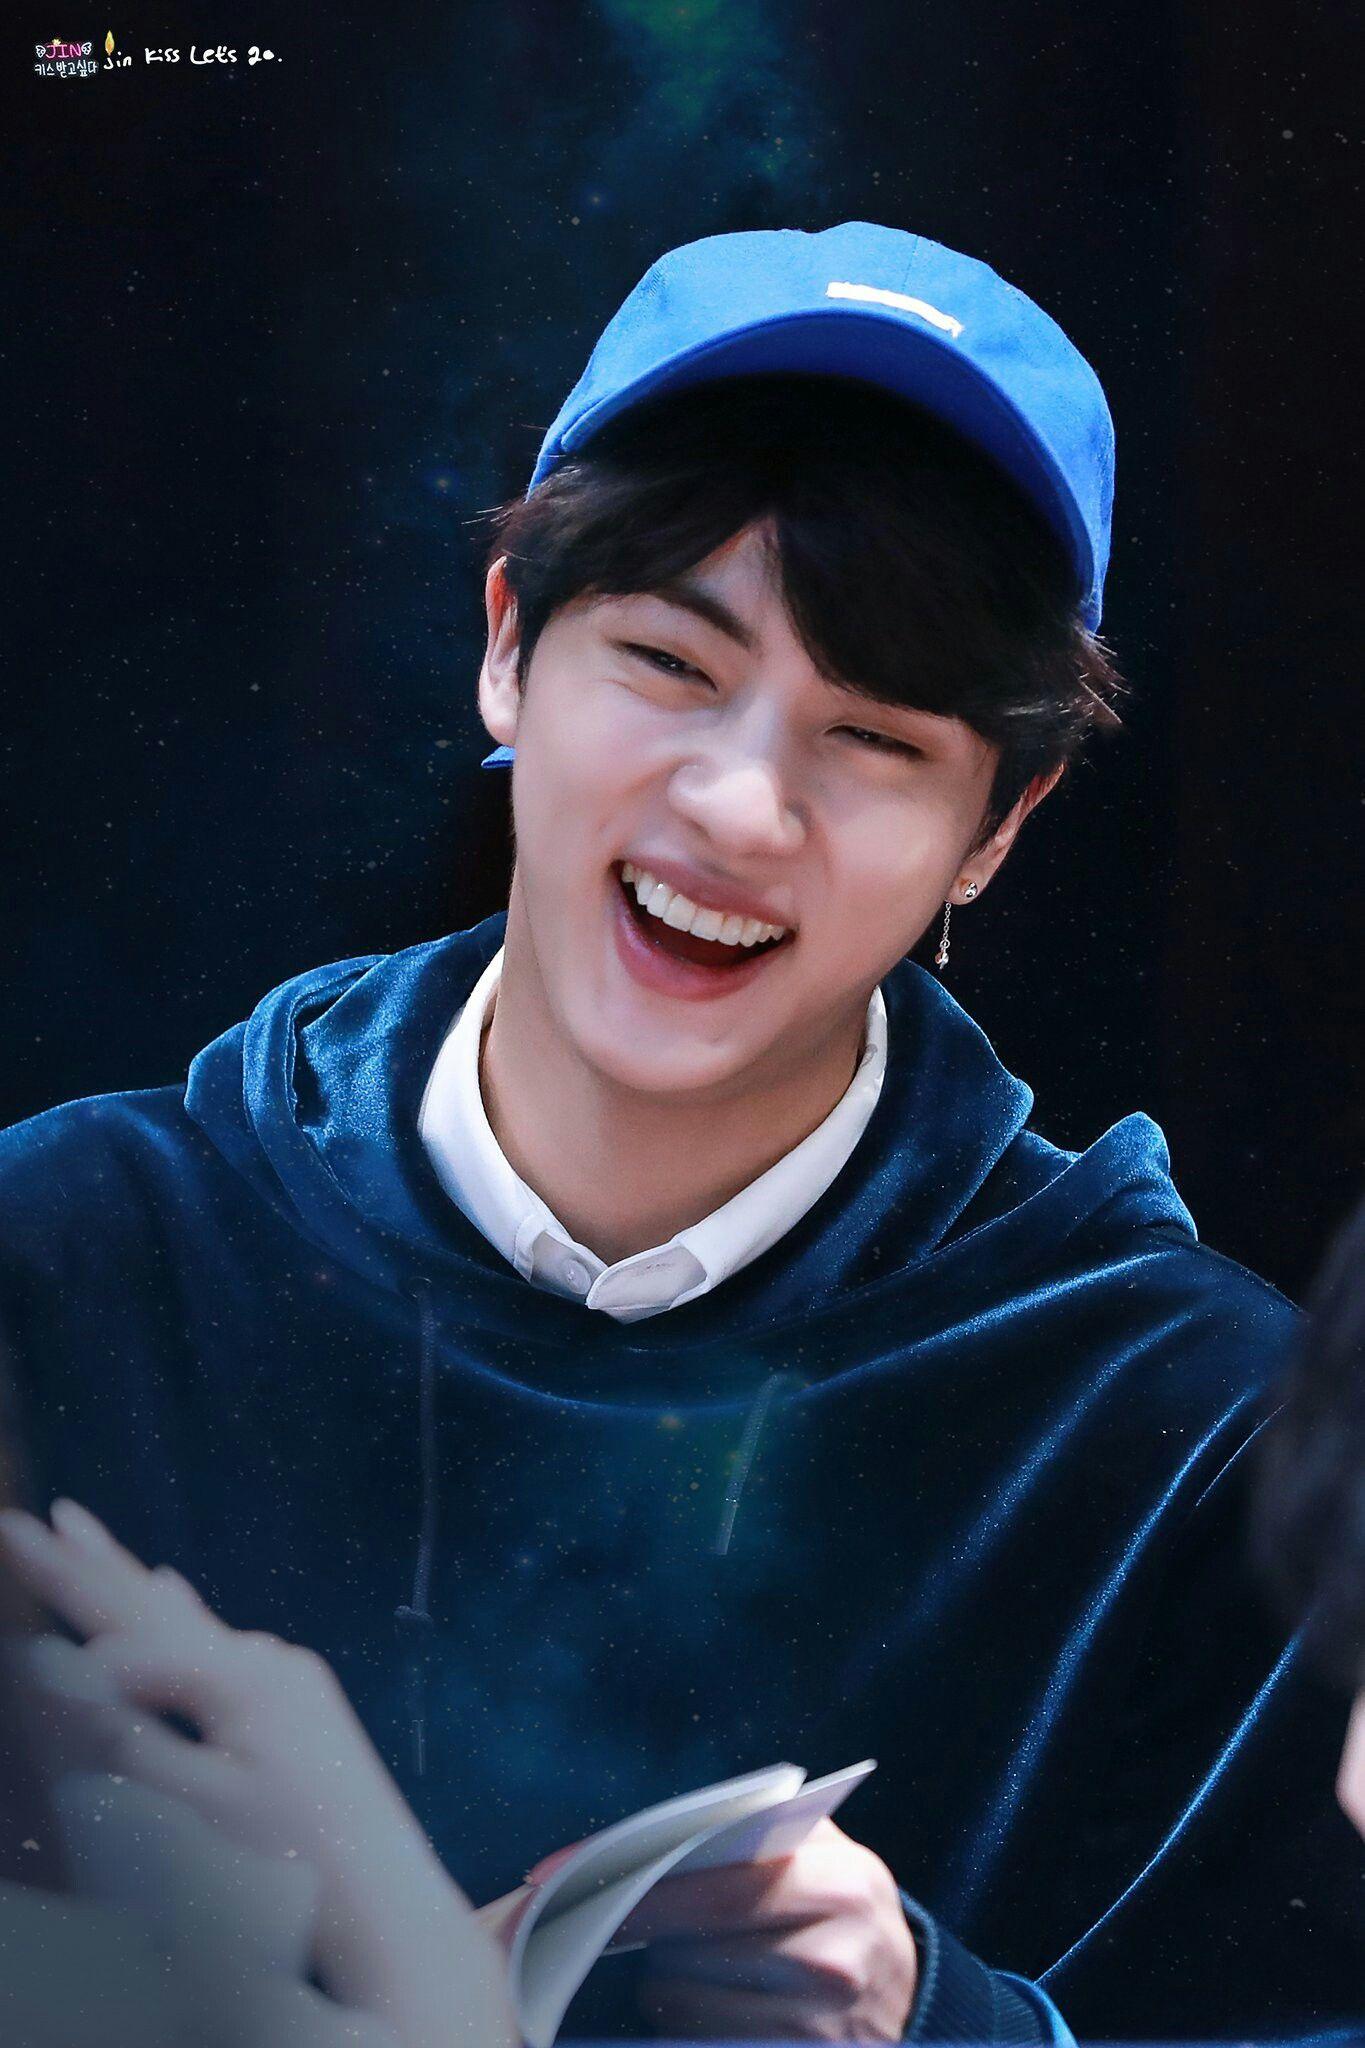 Happy Birthday Jin (Có hình ảnh) Nhóm nhạc bts, Hình ảnh